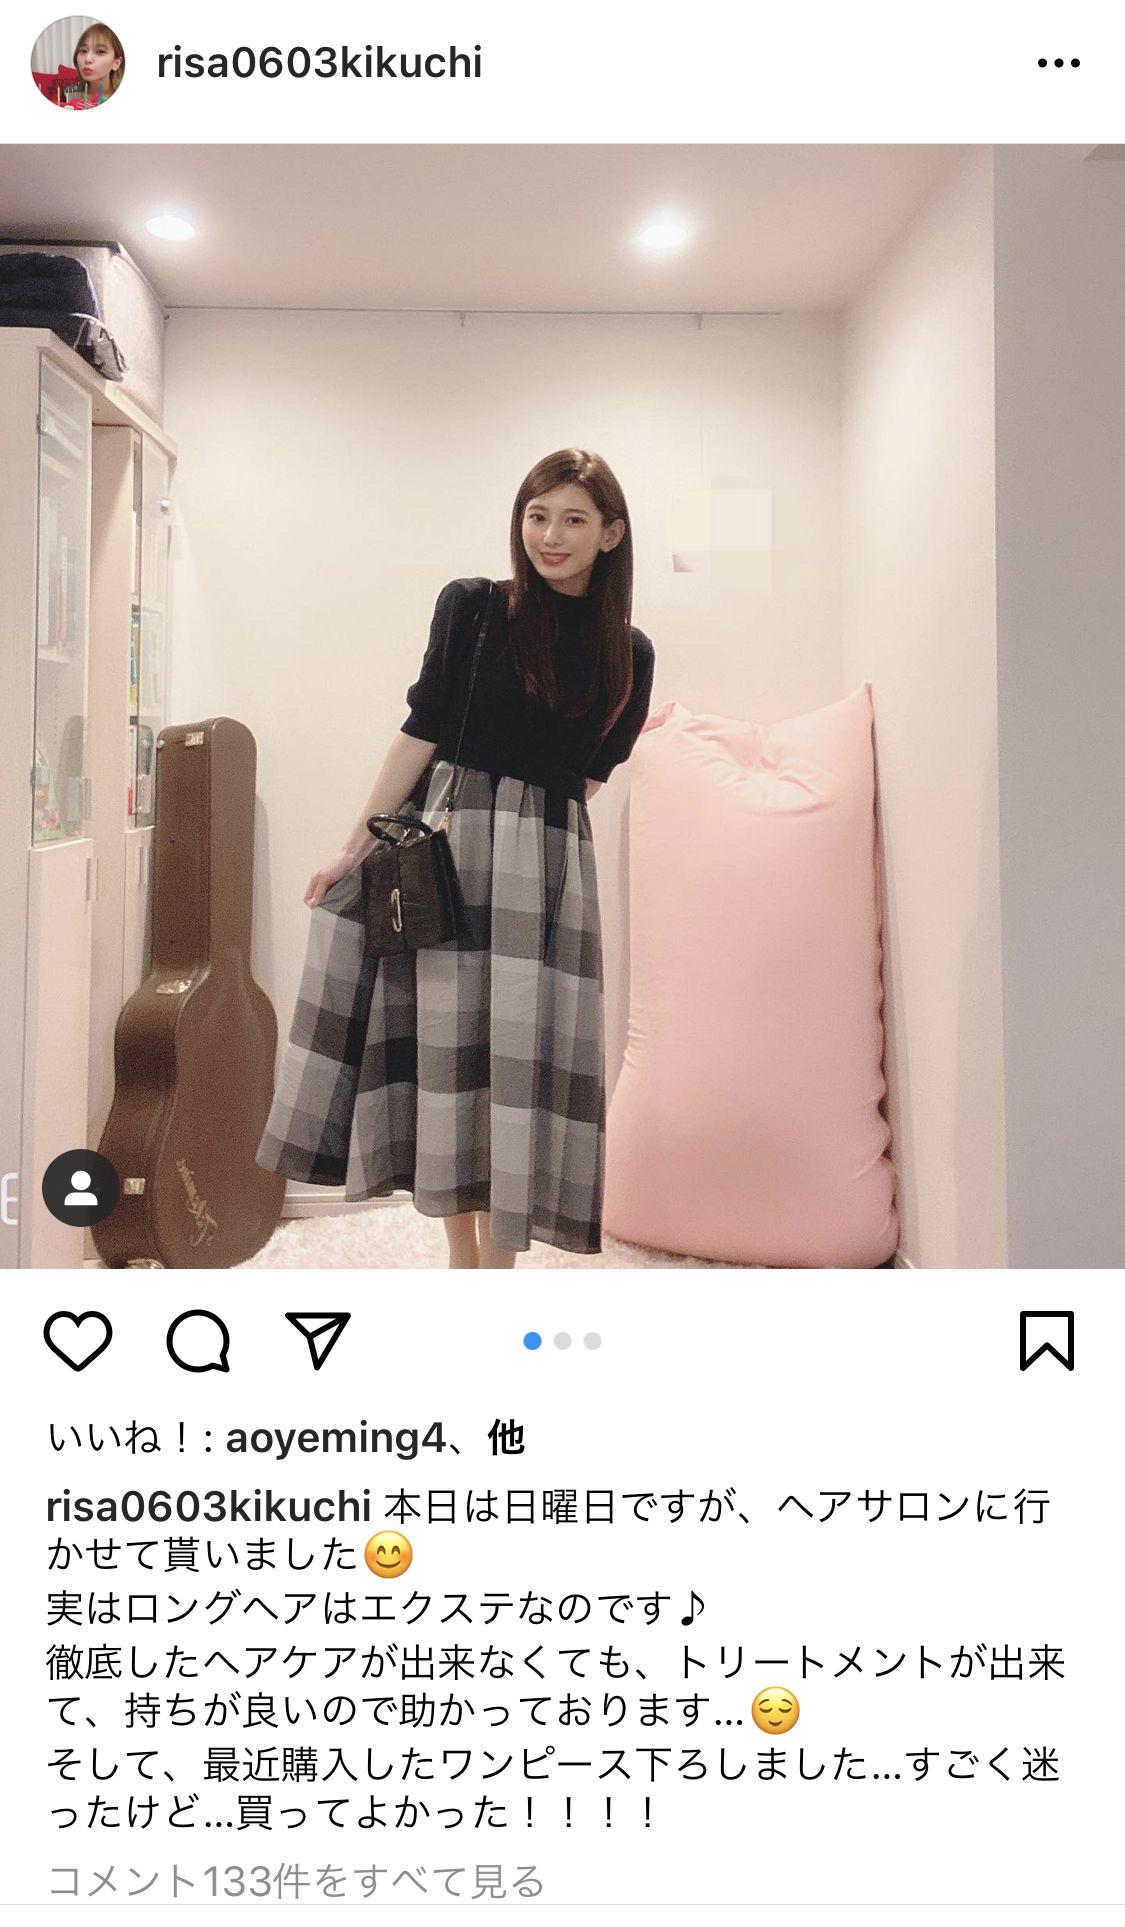 【画像】TOKIO城島茂の妻、インスタで自撮りをアップするもギターケースが写ってしまい謝罪